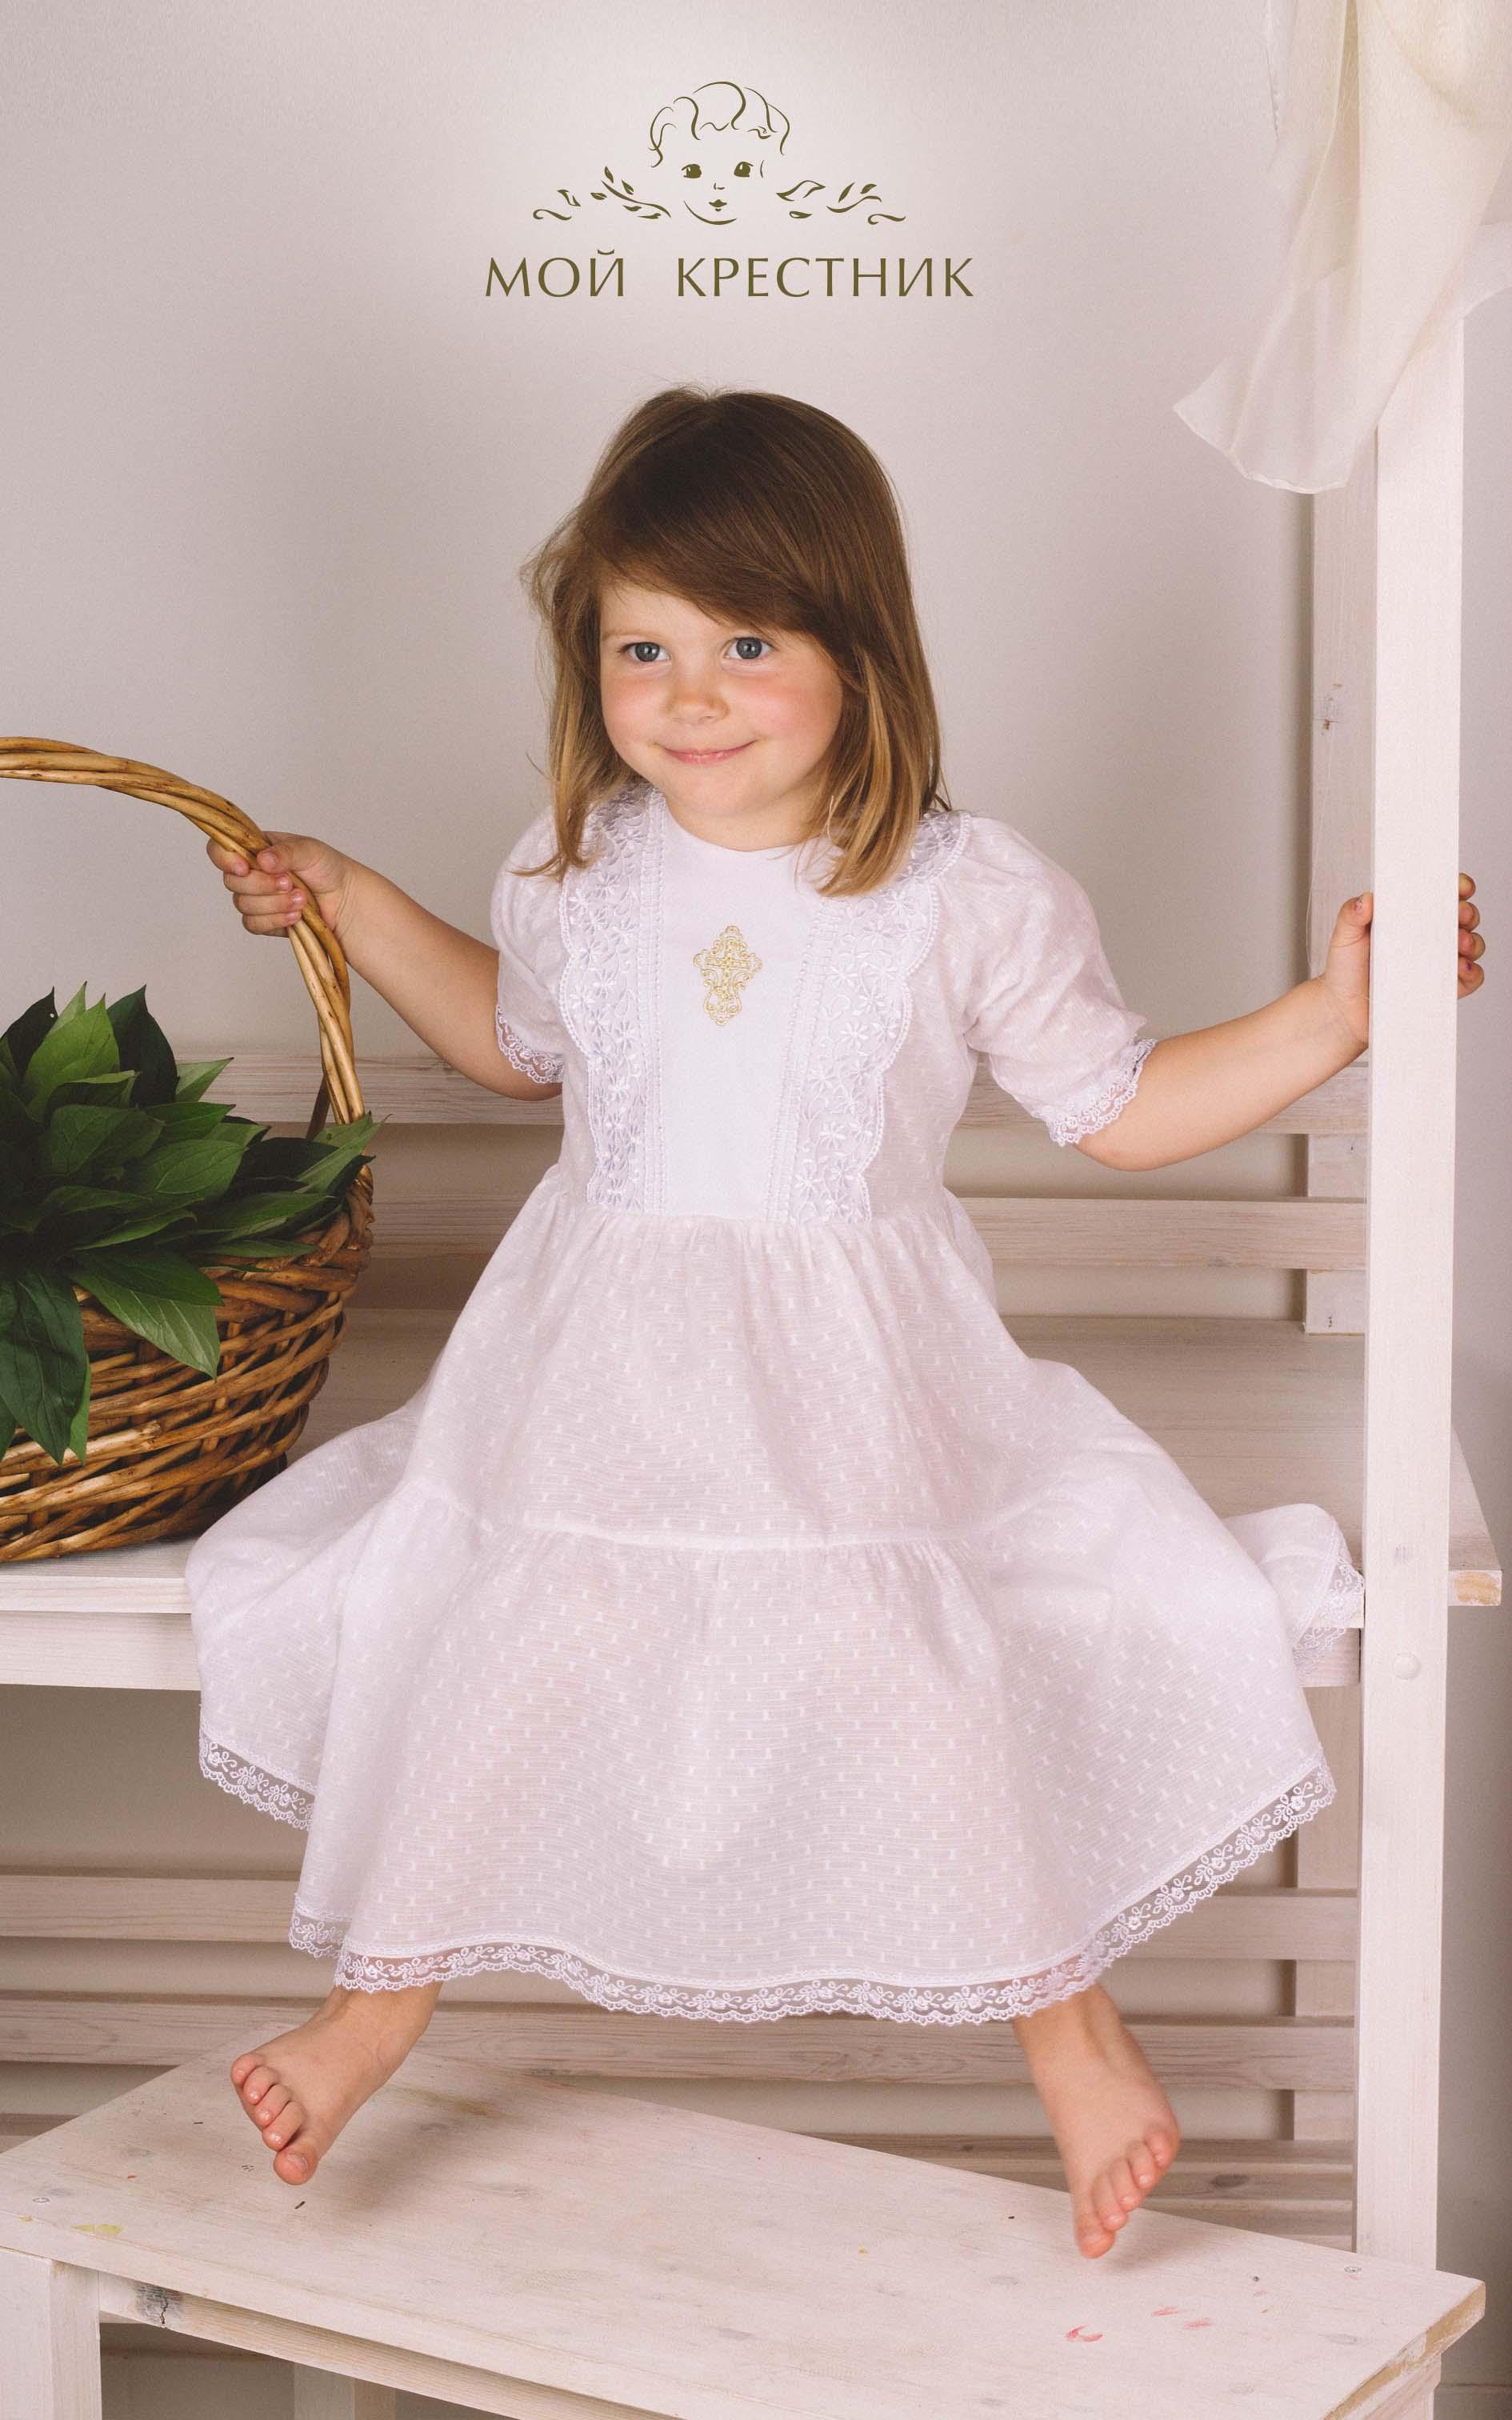 Логотип для крестильной одежды(детской). фото f_1335d4d5e17ec675.jpg